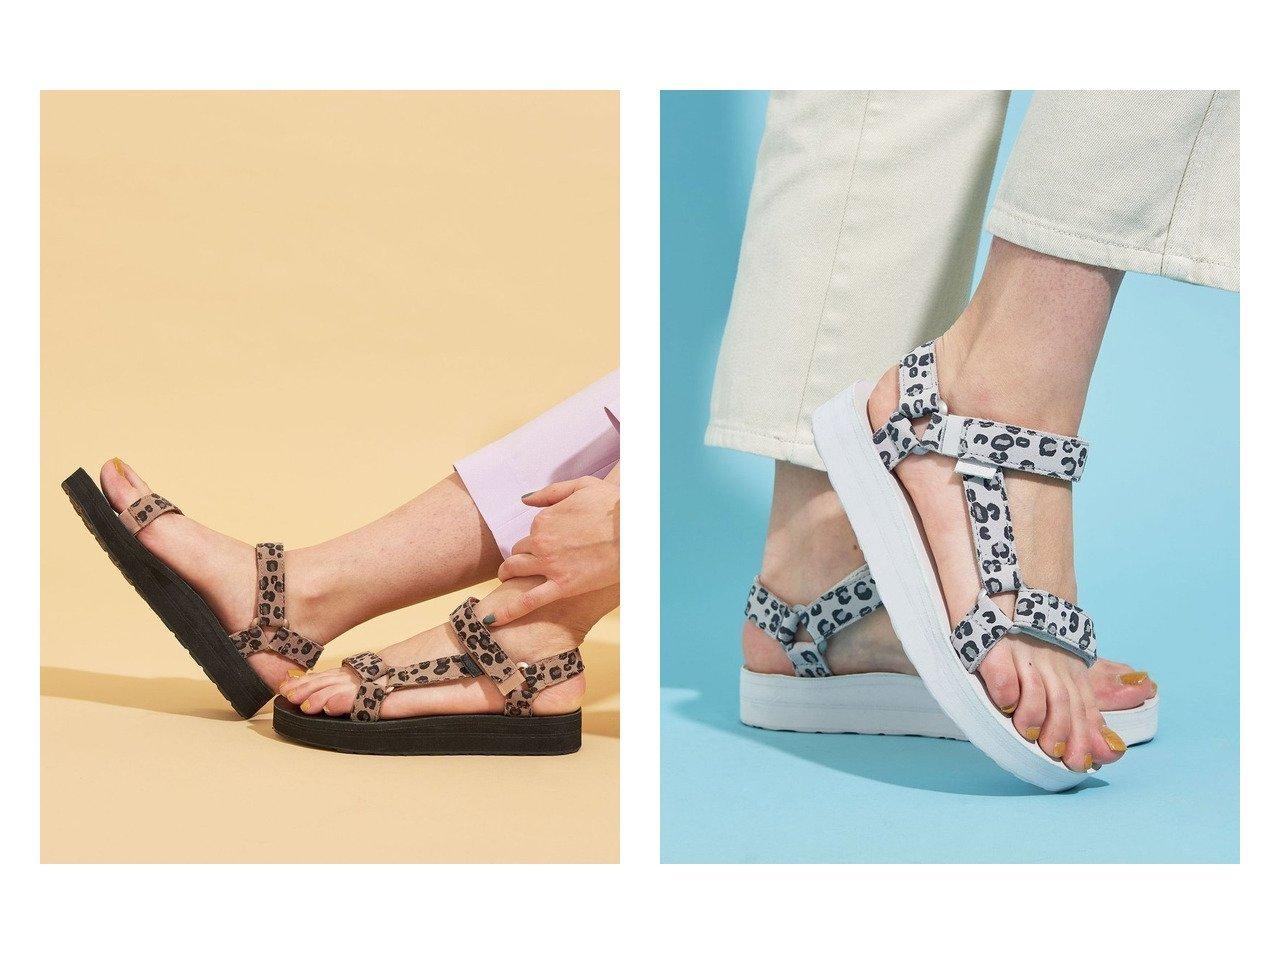 【BEAUTY&YOUTH / UNITED ARROWS/ビューティ&ユース ユナイテッドアローズ】の【国内exclusive】 TEVA(テバ) レザー レオパードプリント MIDFORM UNIVERSAL サンダル 【シューズ・靴】おすすめ!人気、トレンド・レディースファッションの通販 おすすめで人気の流行・トレンド、ファッションの通販商品 メンズファッション・キッズファッション・インテリア・家具・レディースファッション・服の通販 founy(ファニー) https://founy.com/ ファッション Fashion レディースファッション WOMEN サンダル シューズ ハンド バランス プリント ボトム マキシ ミュール |ID:crp329100000028474